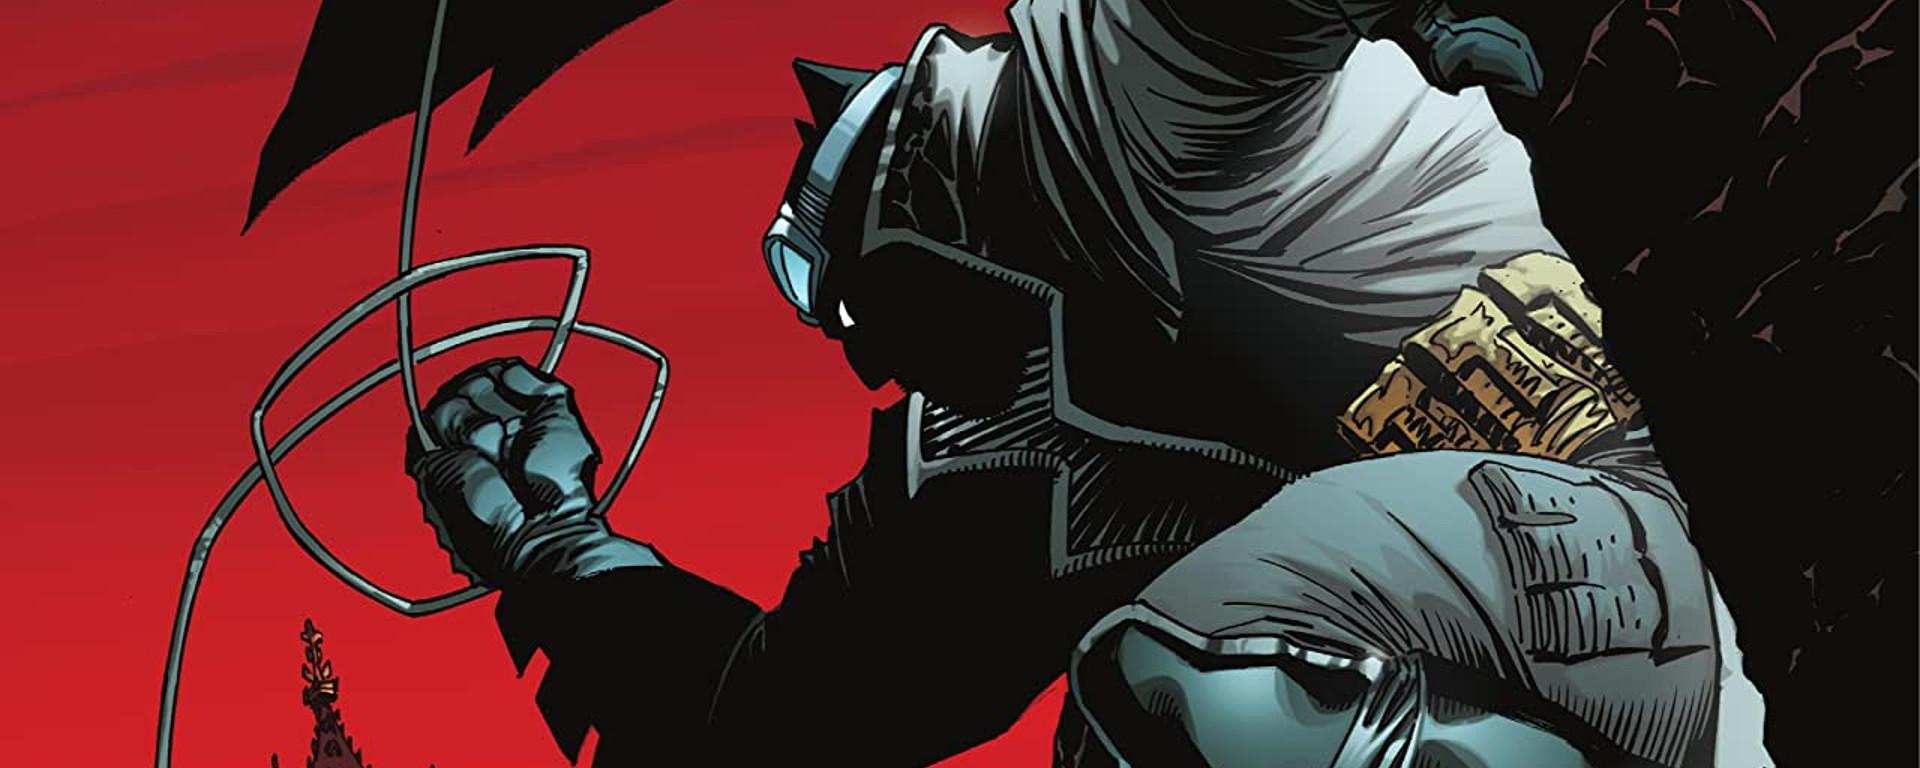 Batman The Detective #1 Header